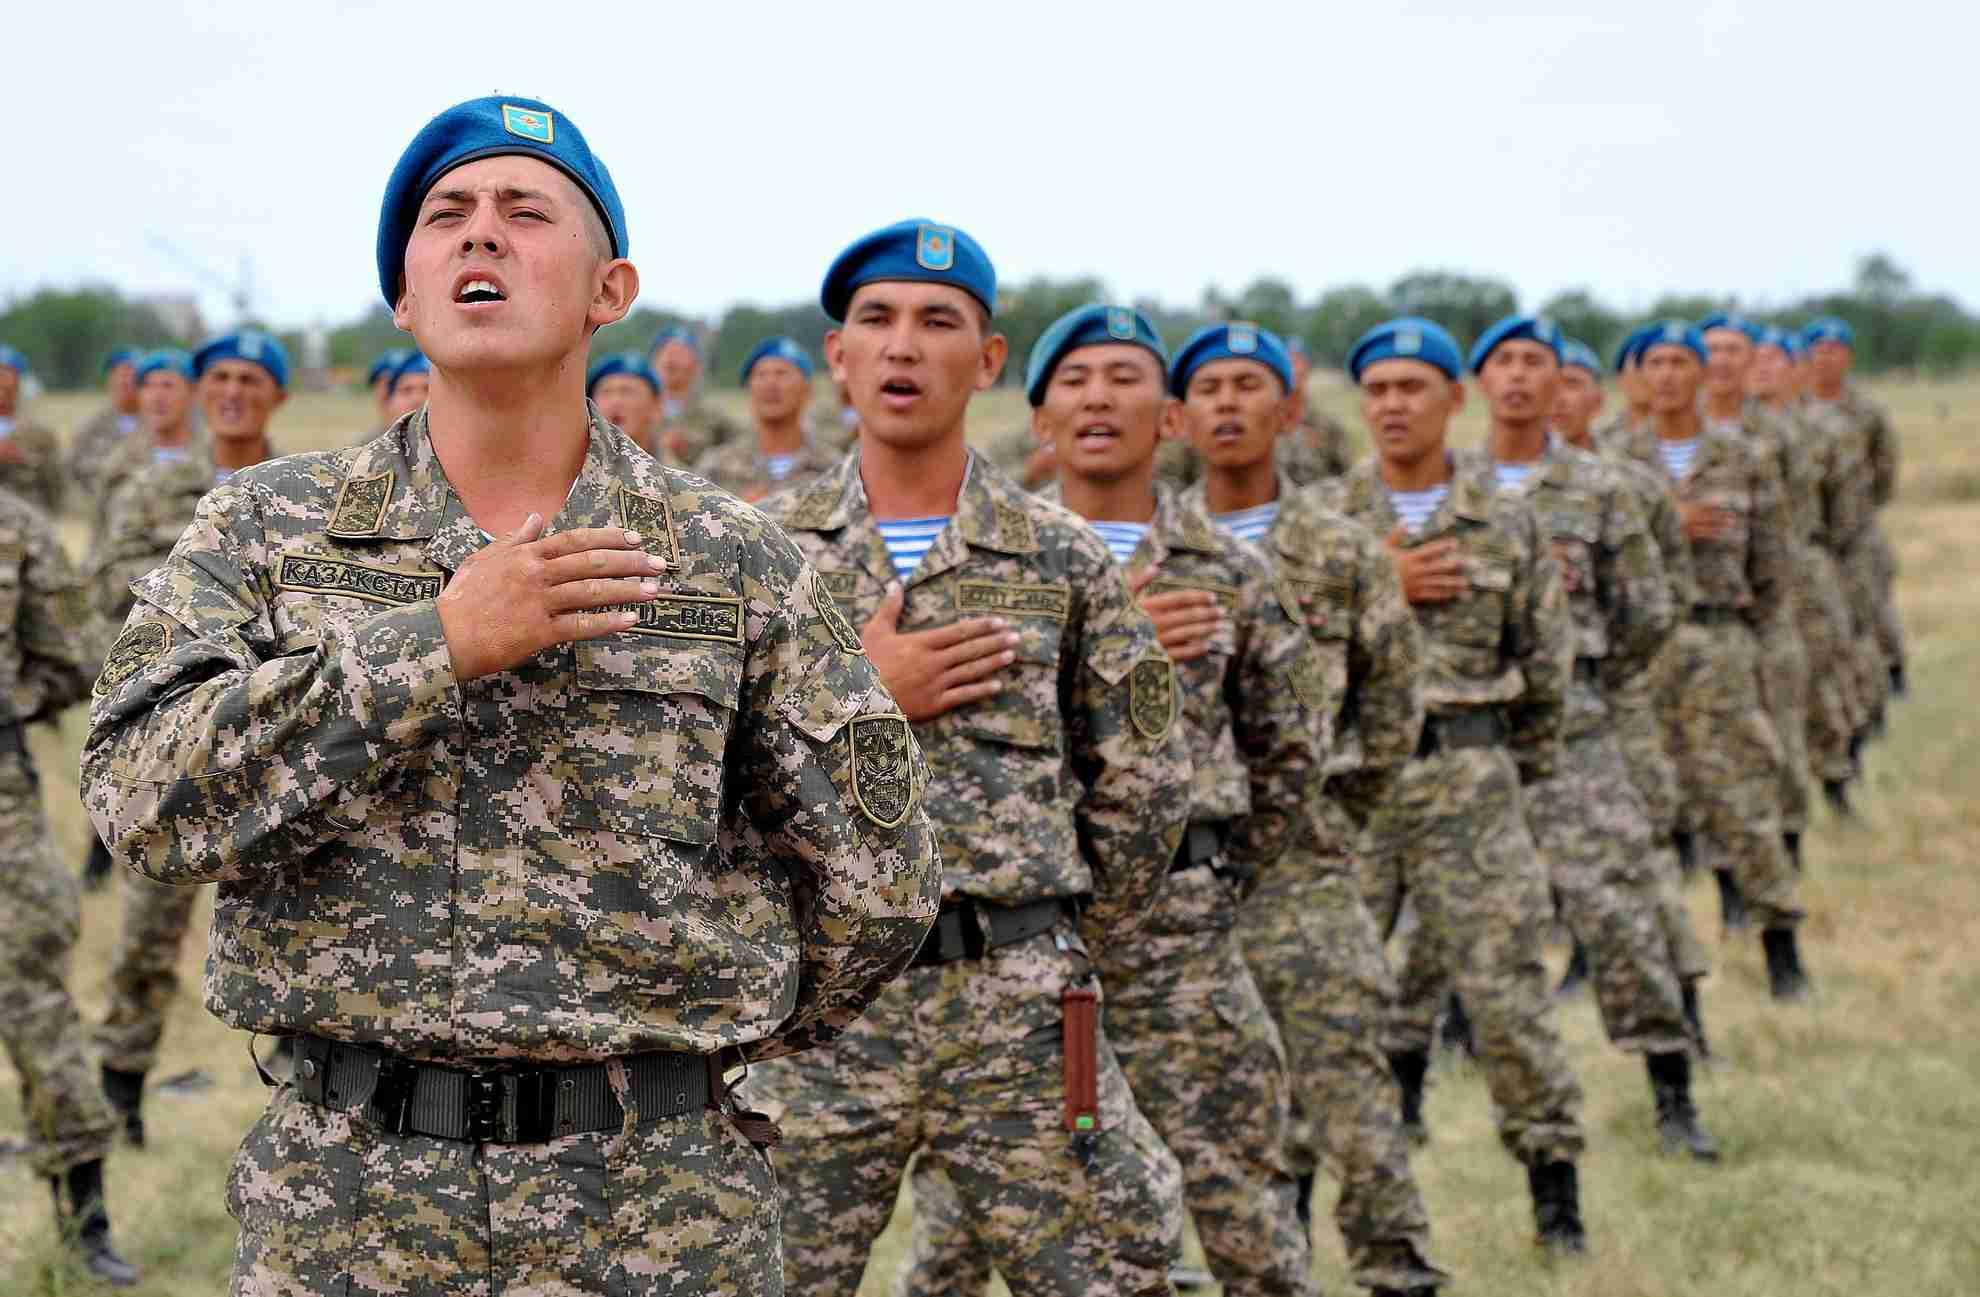 Опубликован рейтинг стран по уровню военной мощи: известно место Казахстана